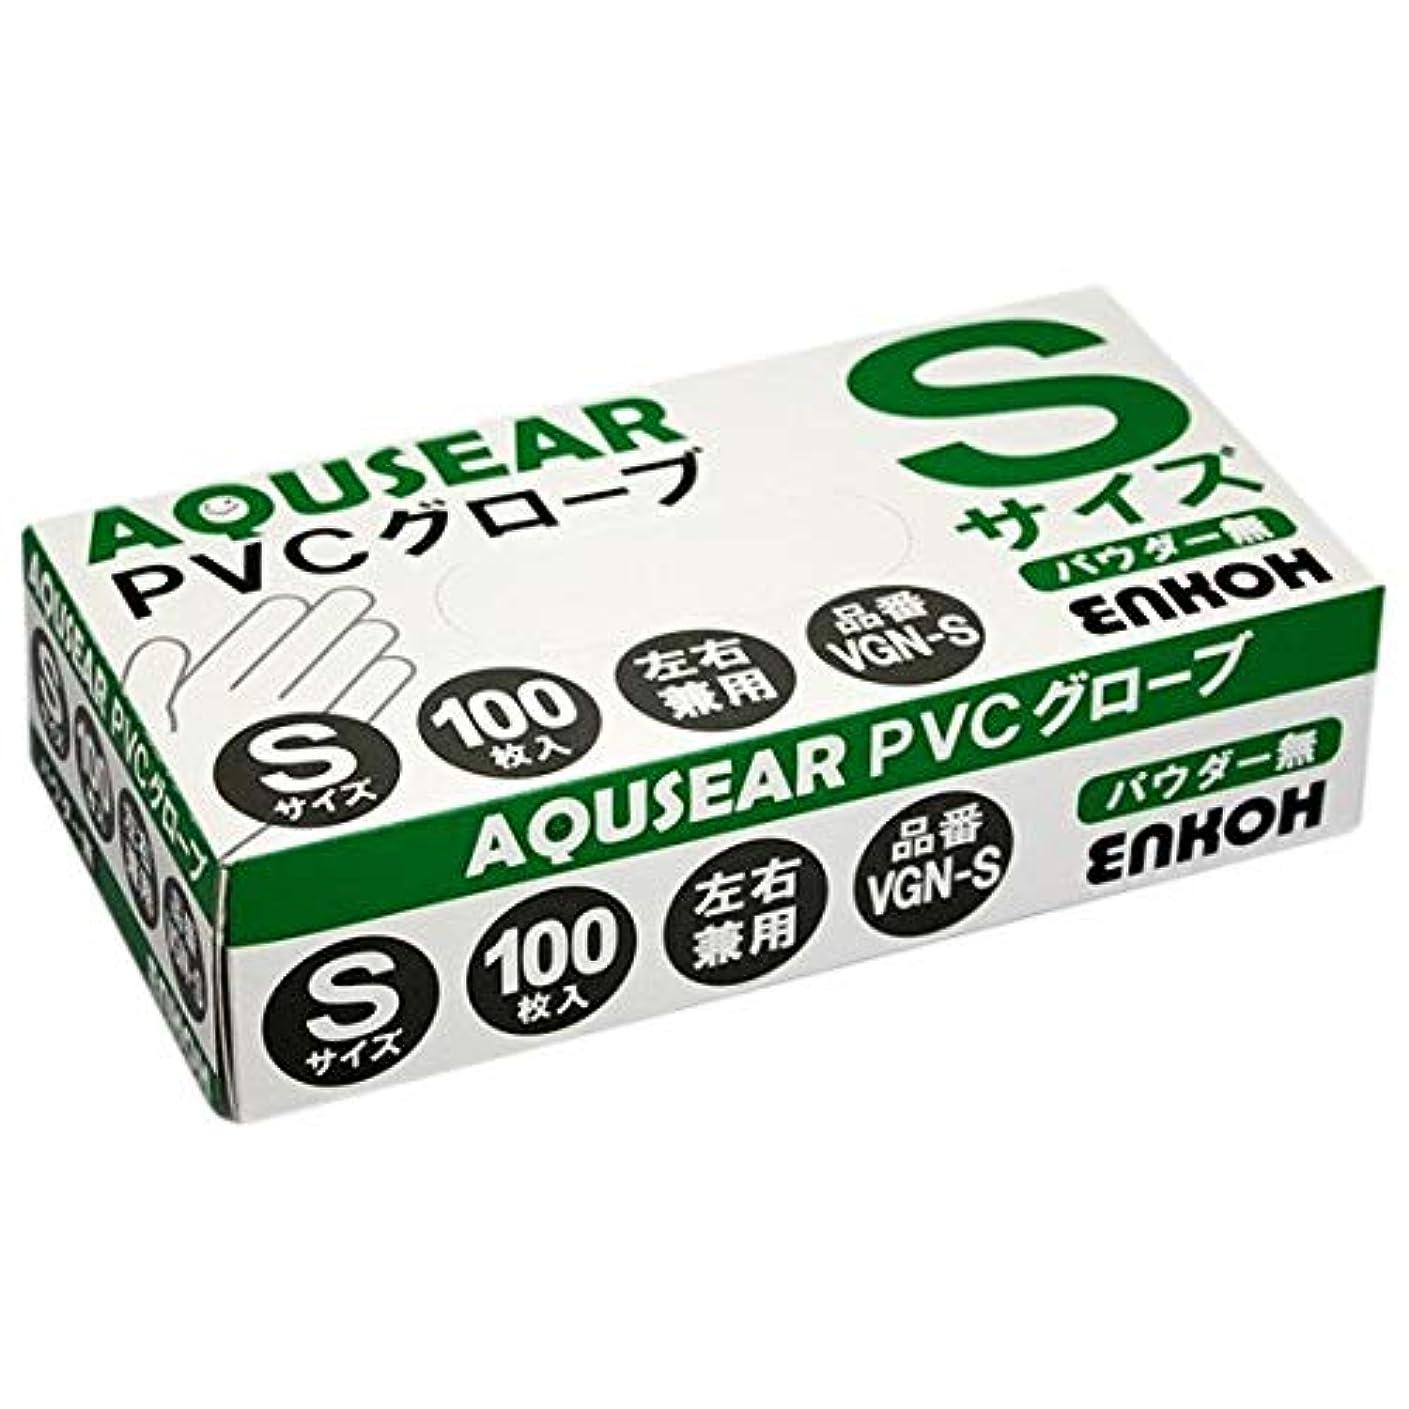 ウサギペインギリック血統AQUSEAR PVC プラスチックグローブ Sサイズ パウダー無 VGN-S 100枚×20箱